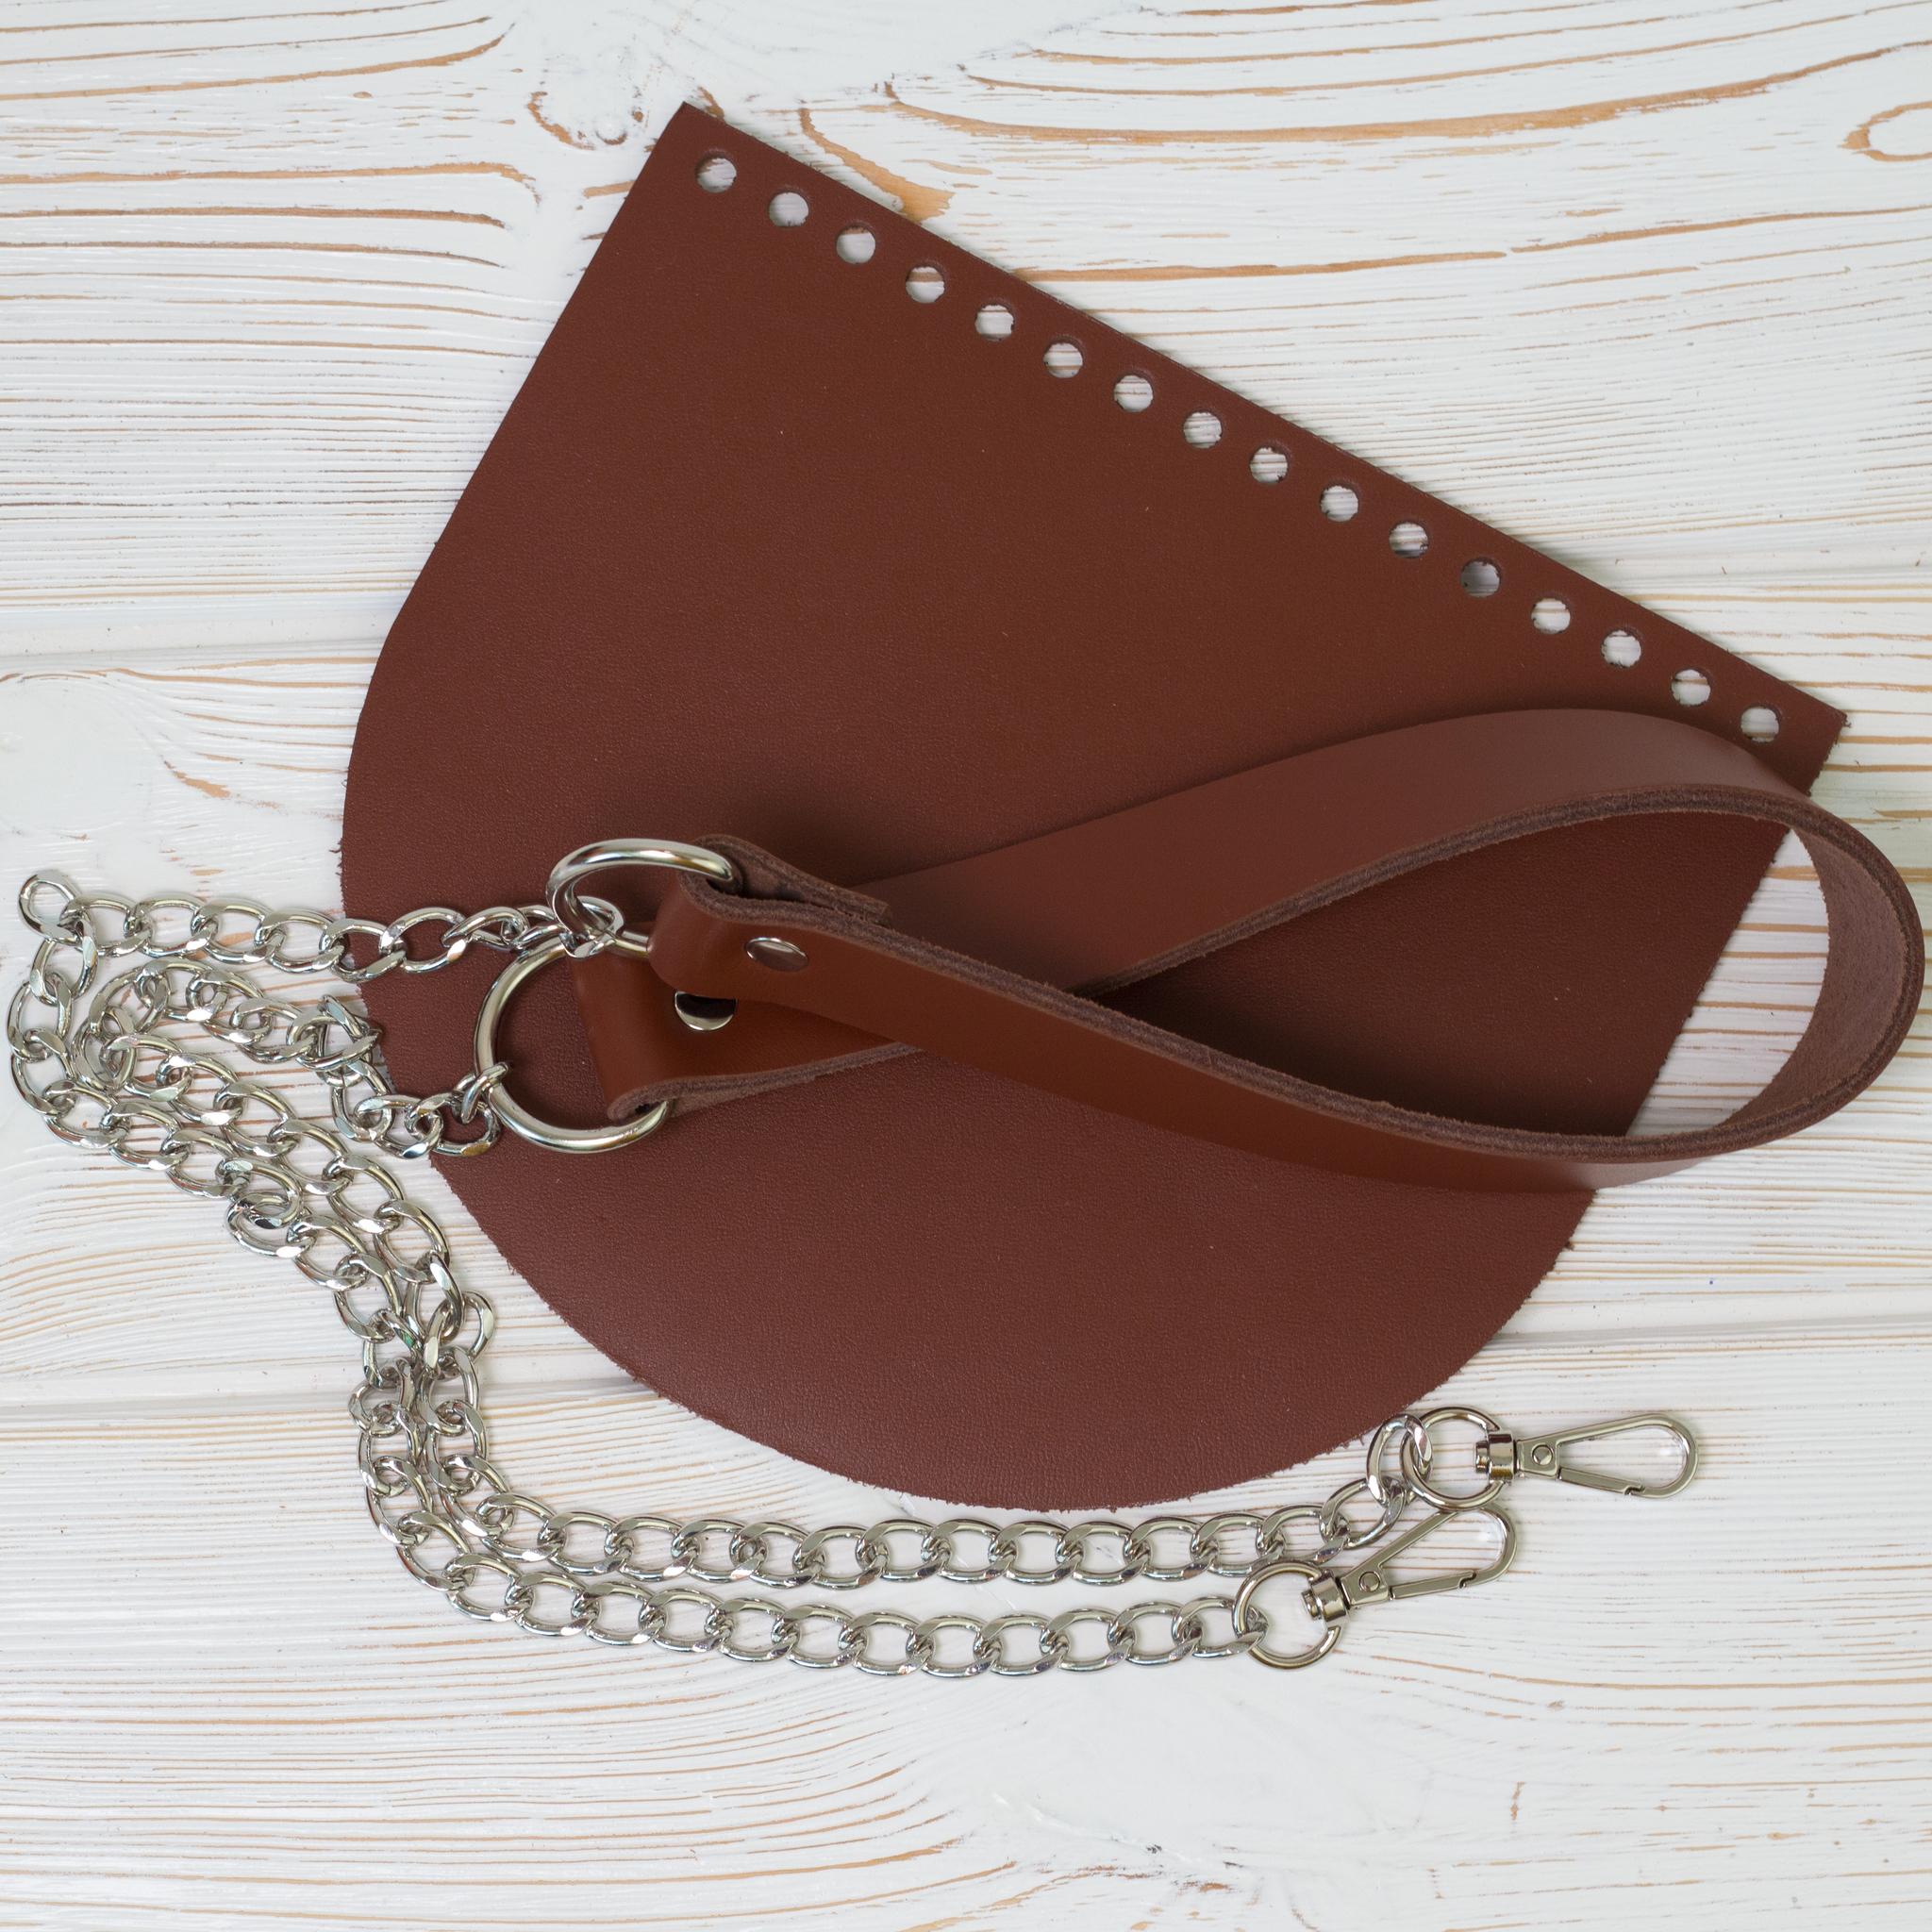 """Каталог Комплект для сумки """"Секвойя"""" IMG_9633.jpg"""